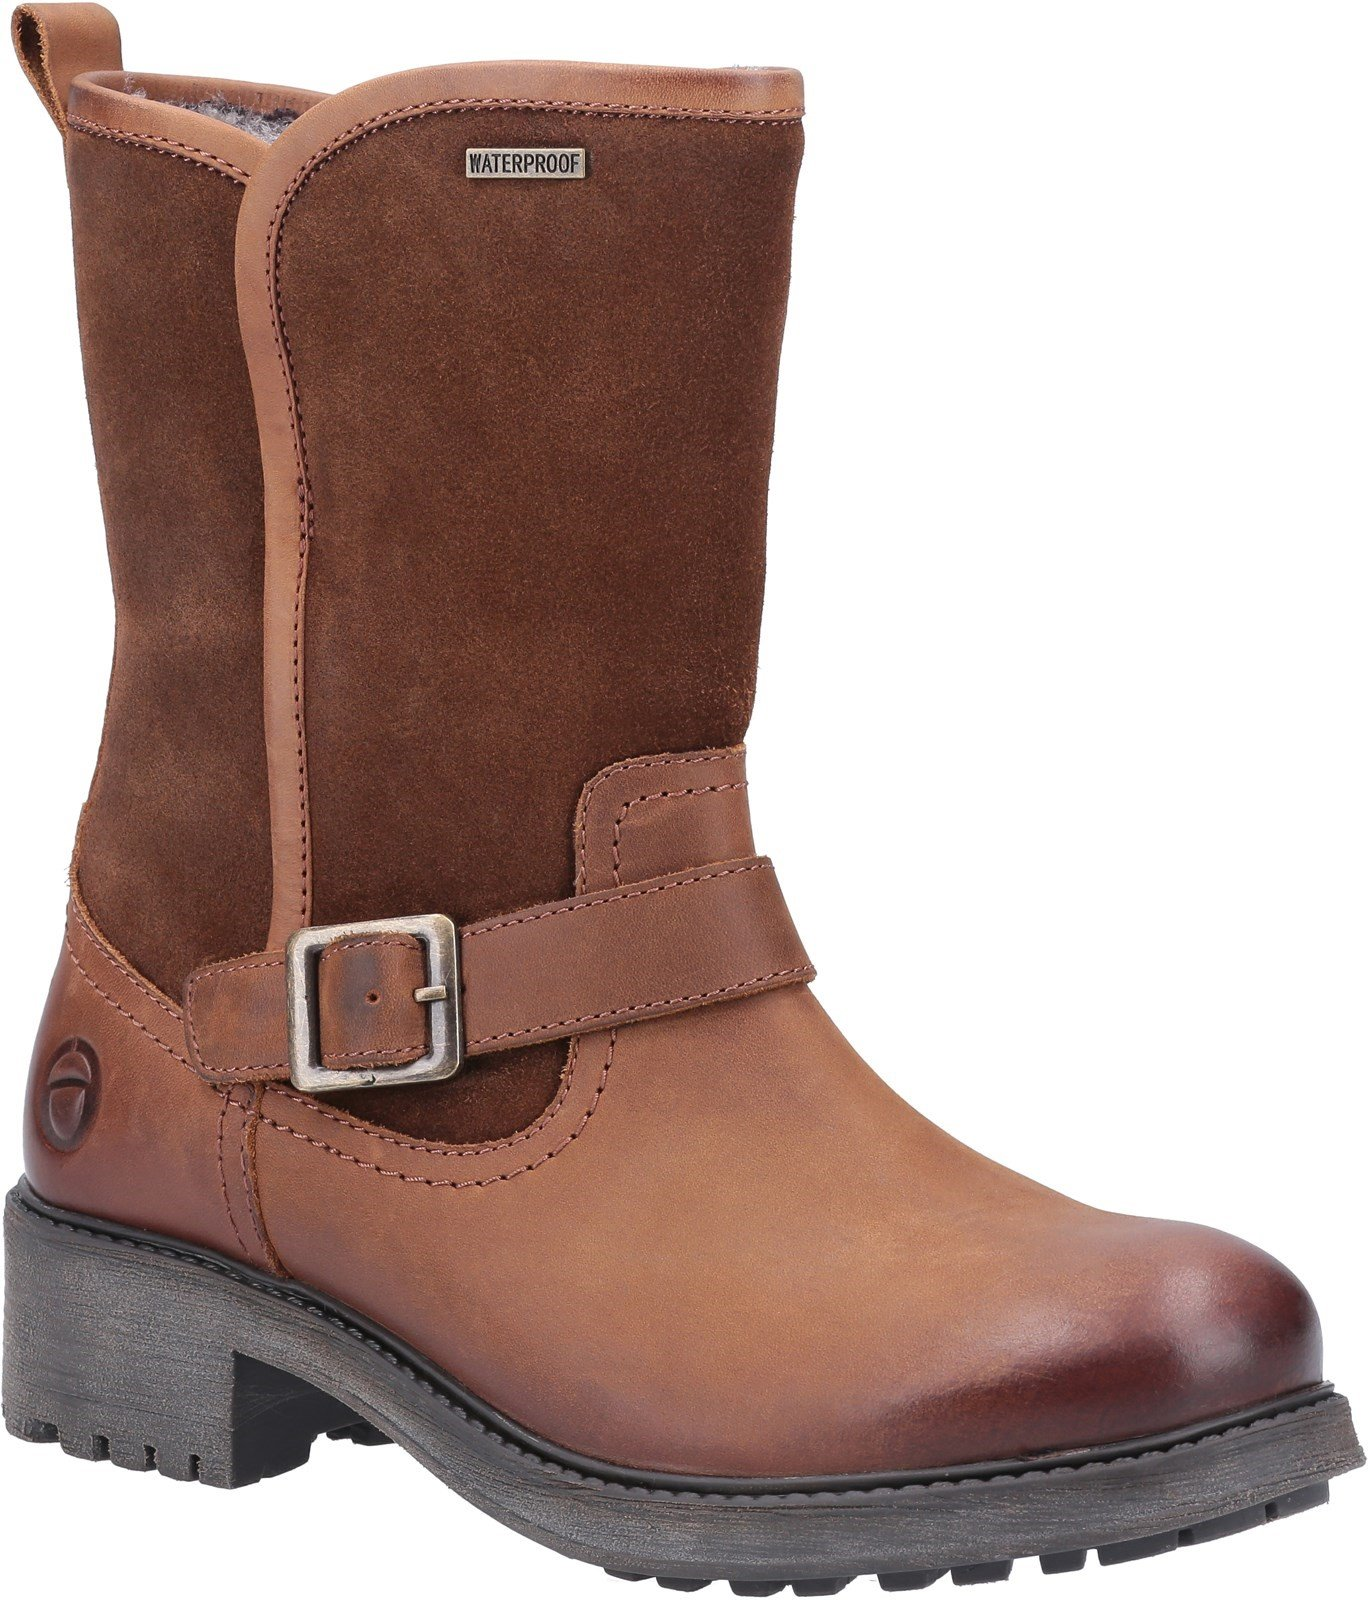 Cotswold Women's Randwick Calf-Length Boots Various Colours 30994 - Cognac 3